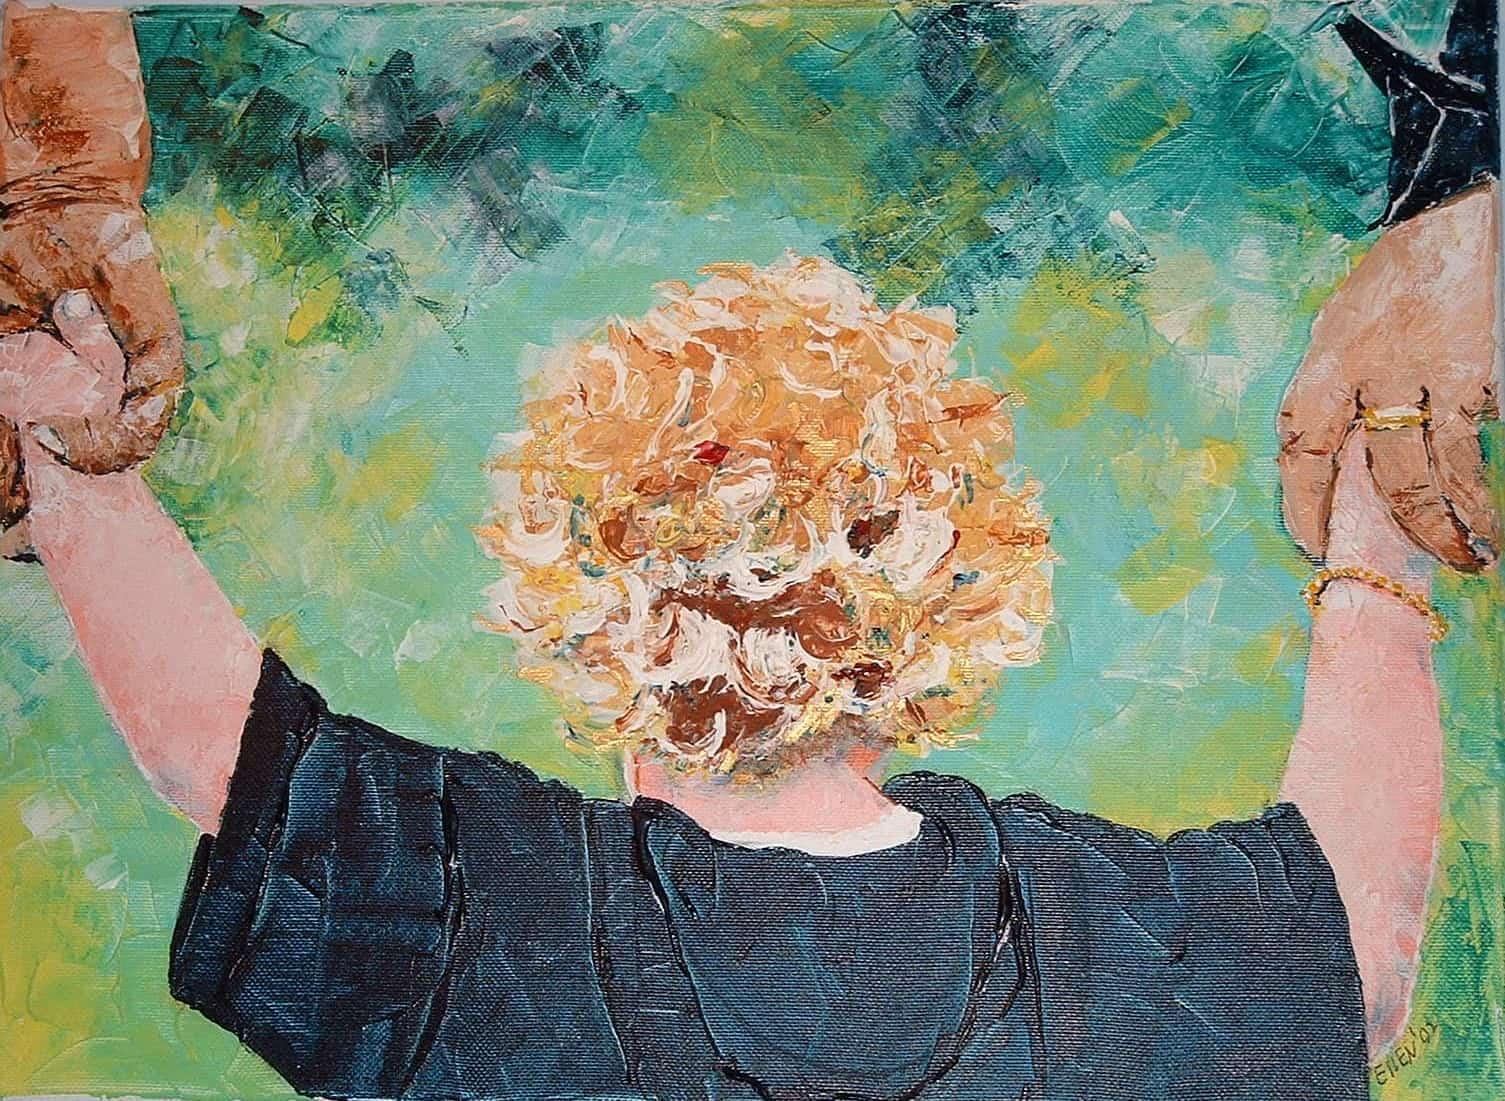 New Inspiratie om te gaan tekenen en schilderen - Hobby.blogo.nl &DW53